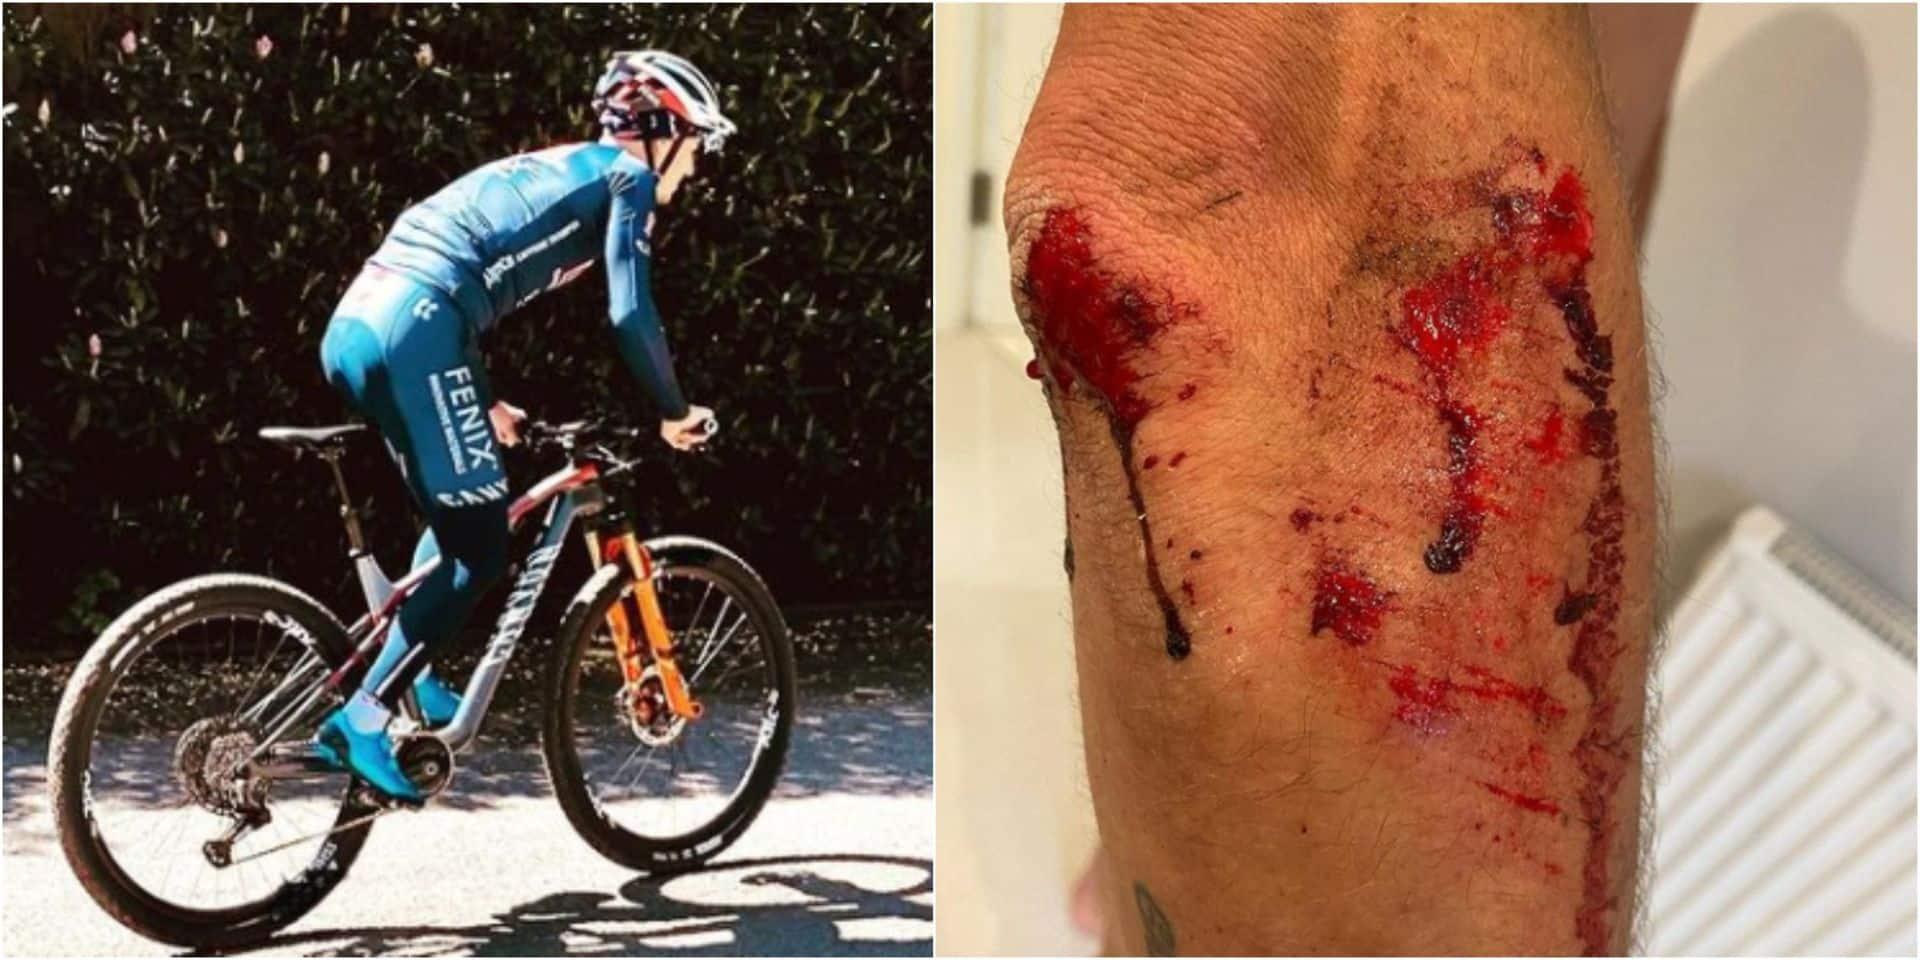 Un coureur cycliste pro agressé par 4 individus en plein entraînement: il a été percuté à haute vitesse par une moto